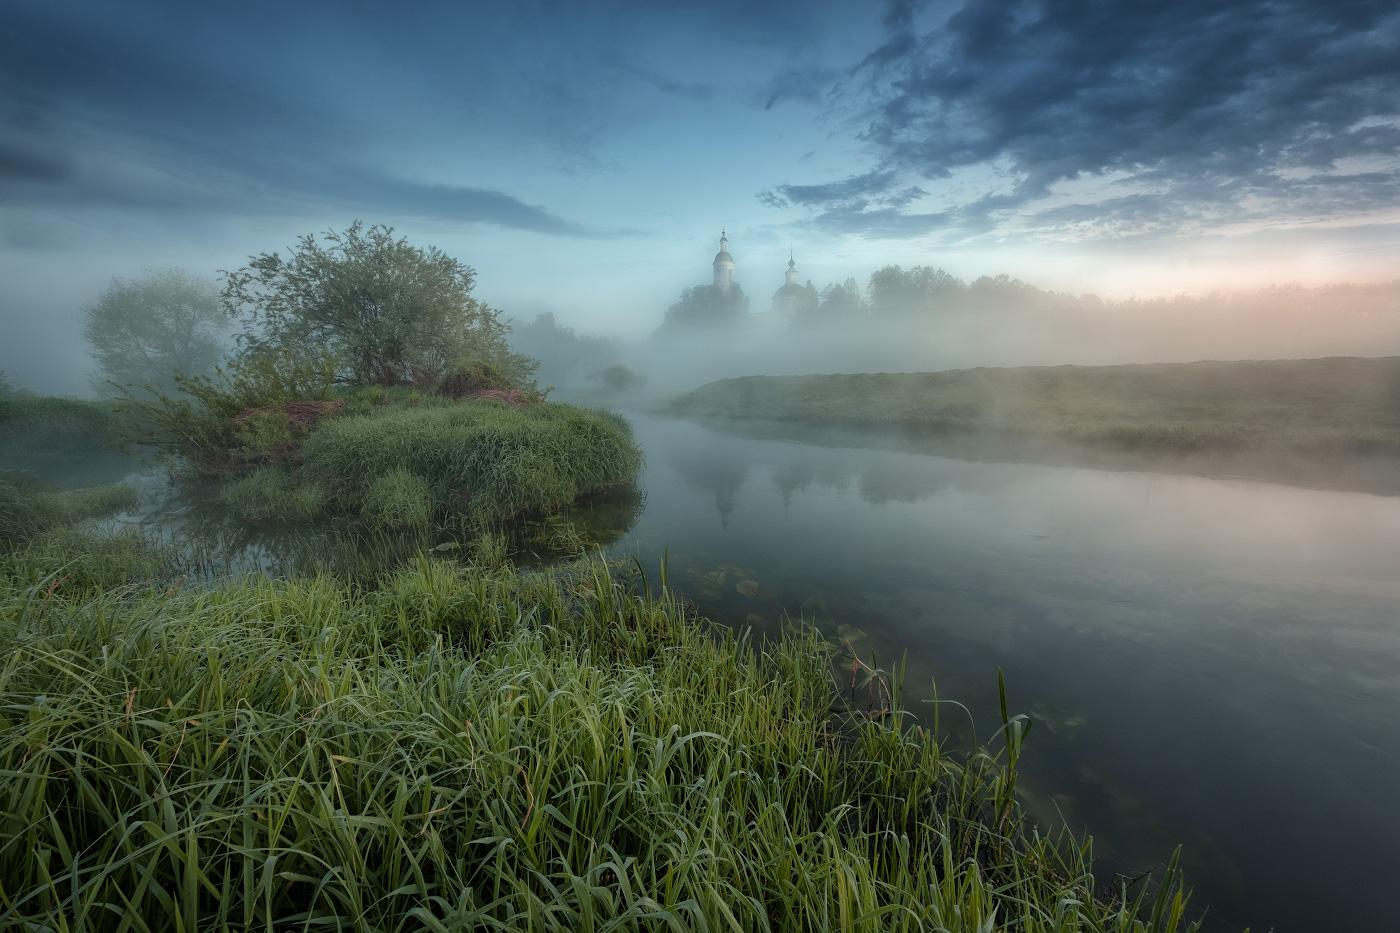 того, высокой туман летом фото надела